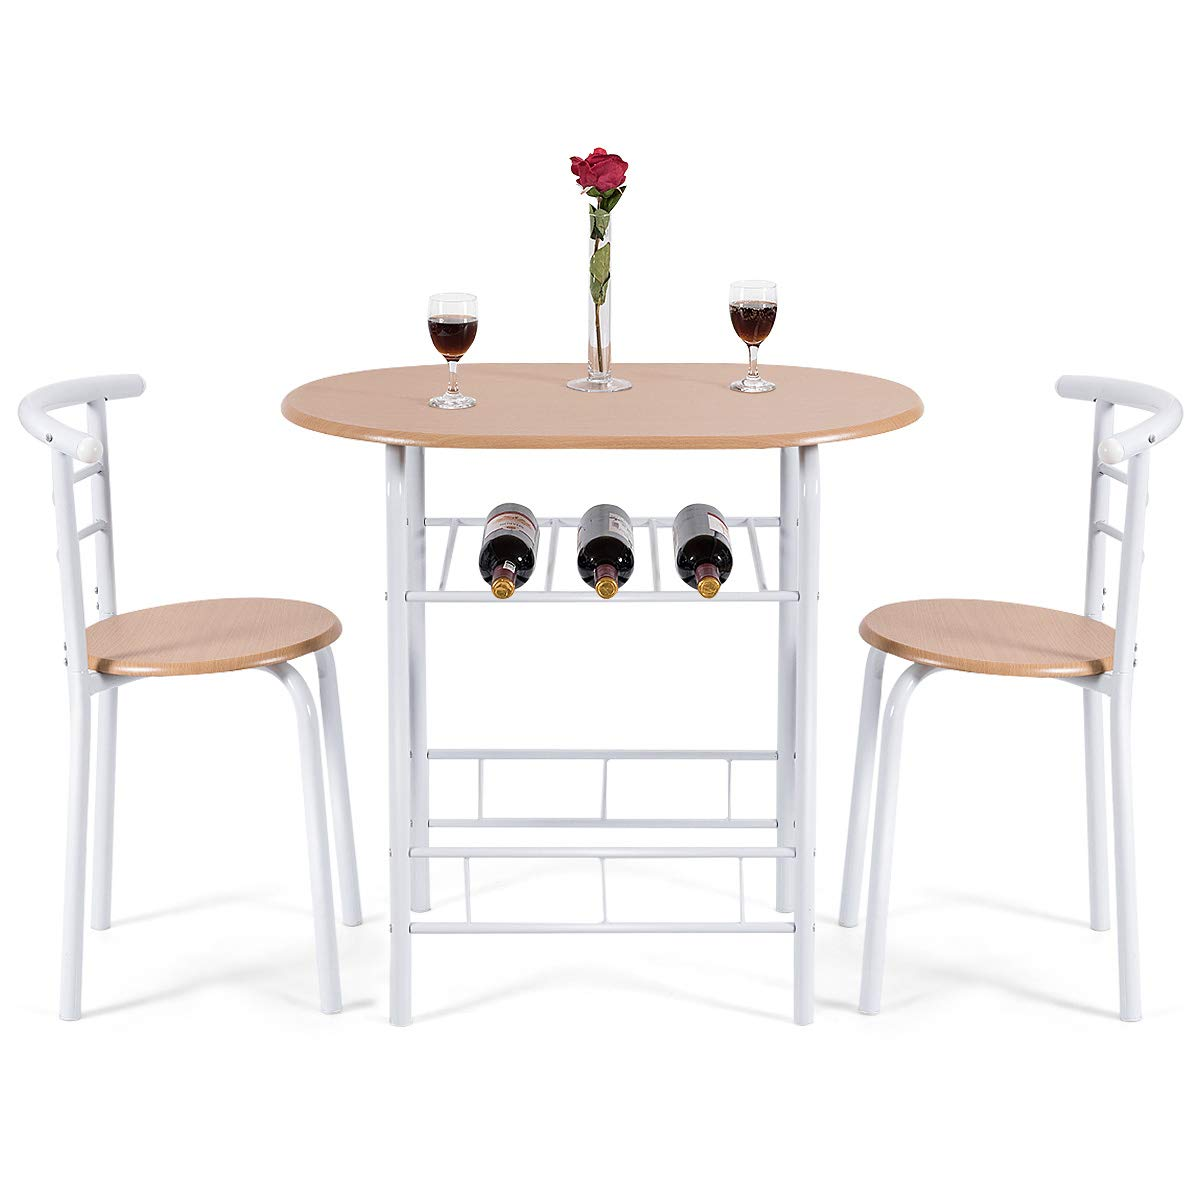 COSTWAY Küchenbar, Sitzgruppe Küche, Esstisch Esstisch Esstisch mit 2 Stühlen, 3tlg. Balkonset ac2d8b